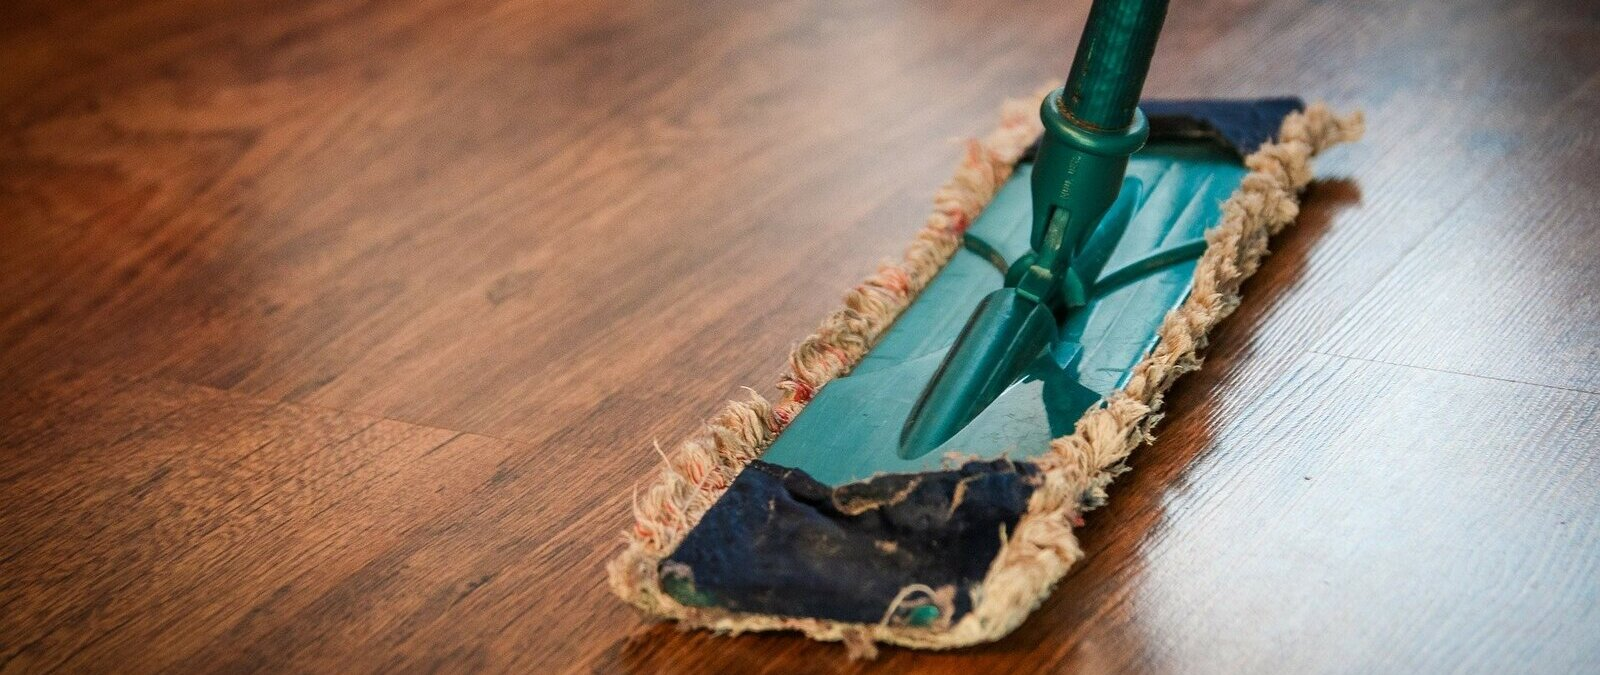 Lavar y desinfectar en tiempos del coronavirus: lo que sabemos sobre la mejor forma para limpiarte tú, tu casa, tus objetos y los alimentos que compras - Maldita.es